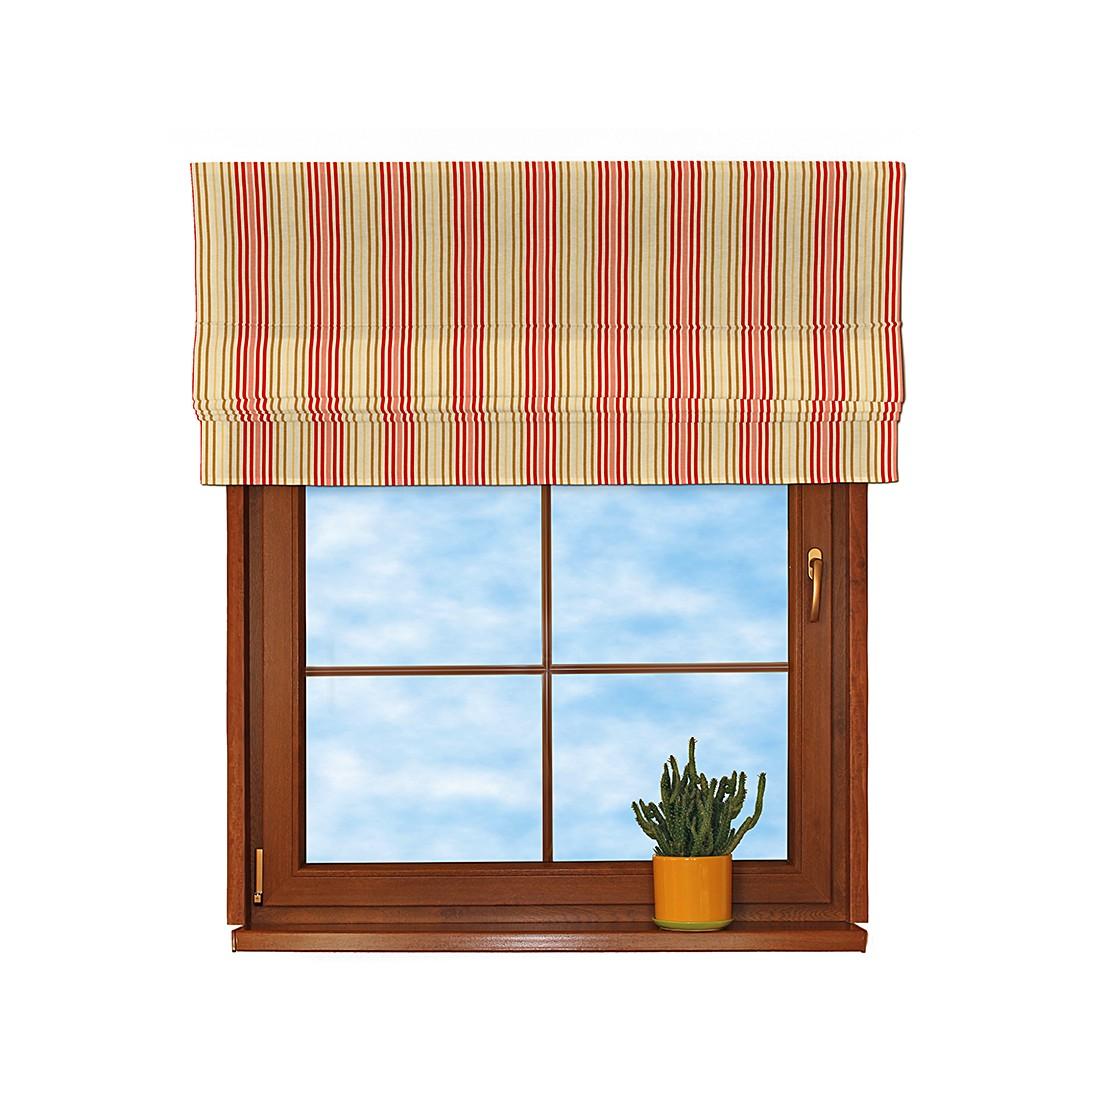 Raffrollo – Rote Streifen Beige – 160×170 cm, Dekoria online bestellen